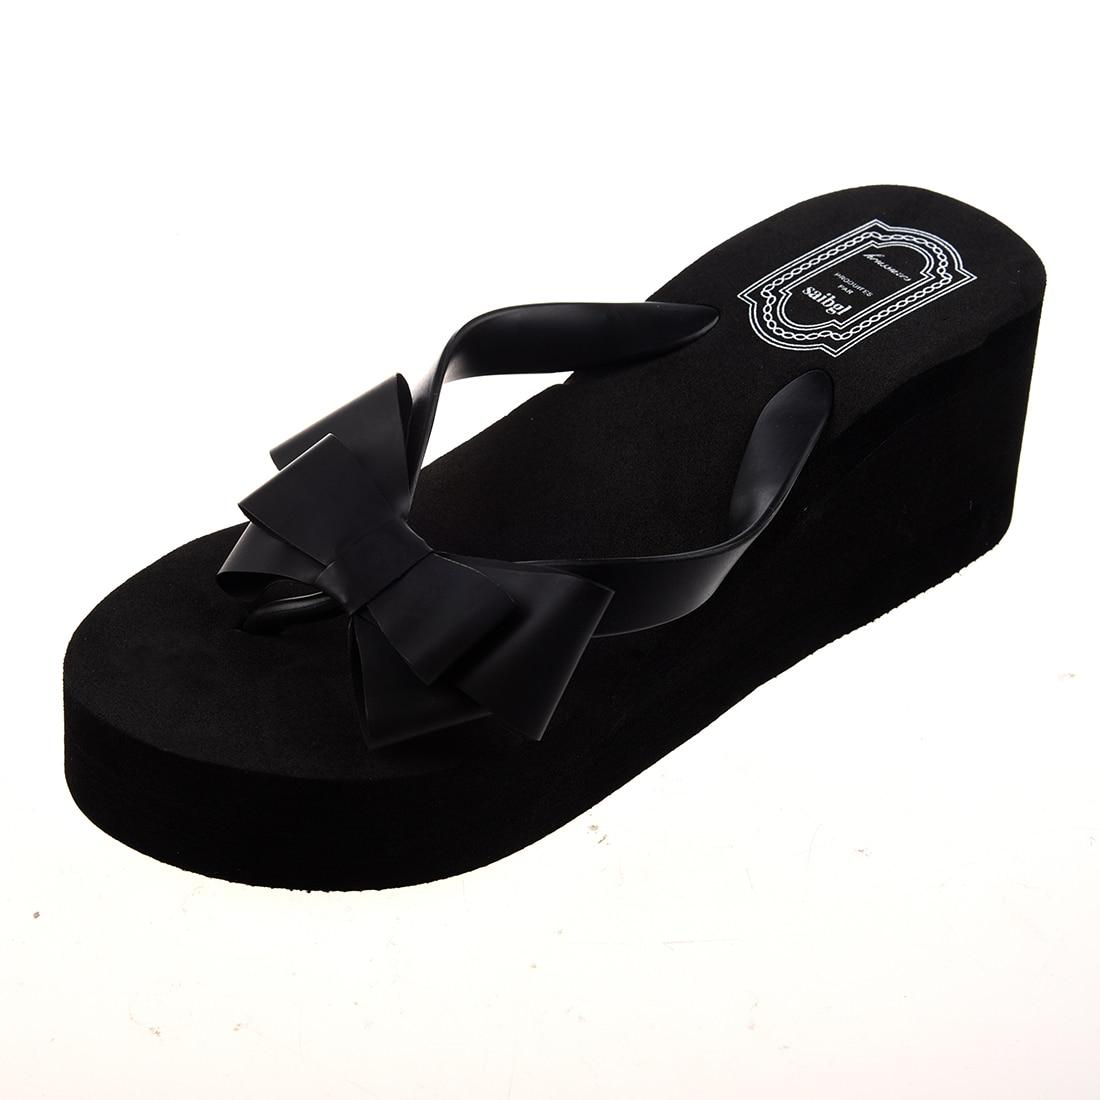 все цены на Ladies Summer Platform Flip Flops Thong Wedge Beach Sandals Knot Bow Shoes